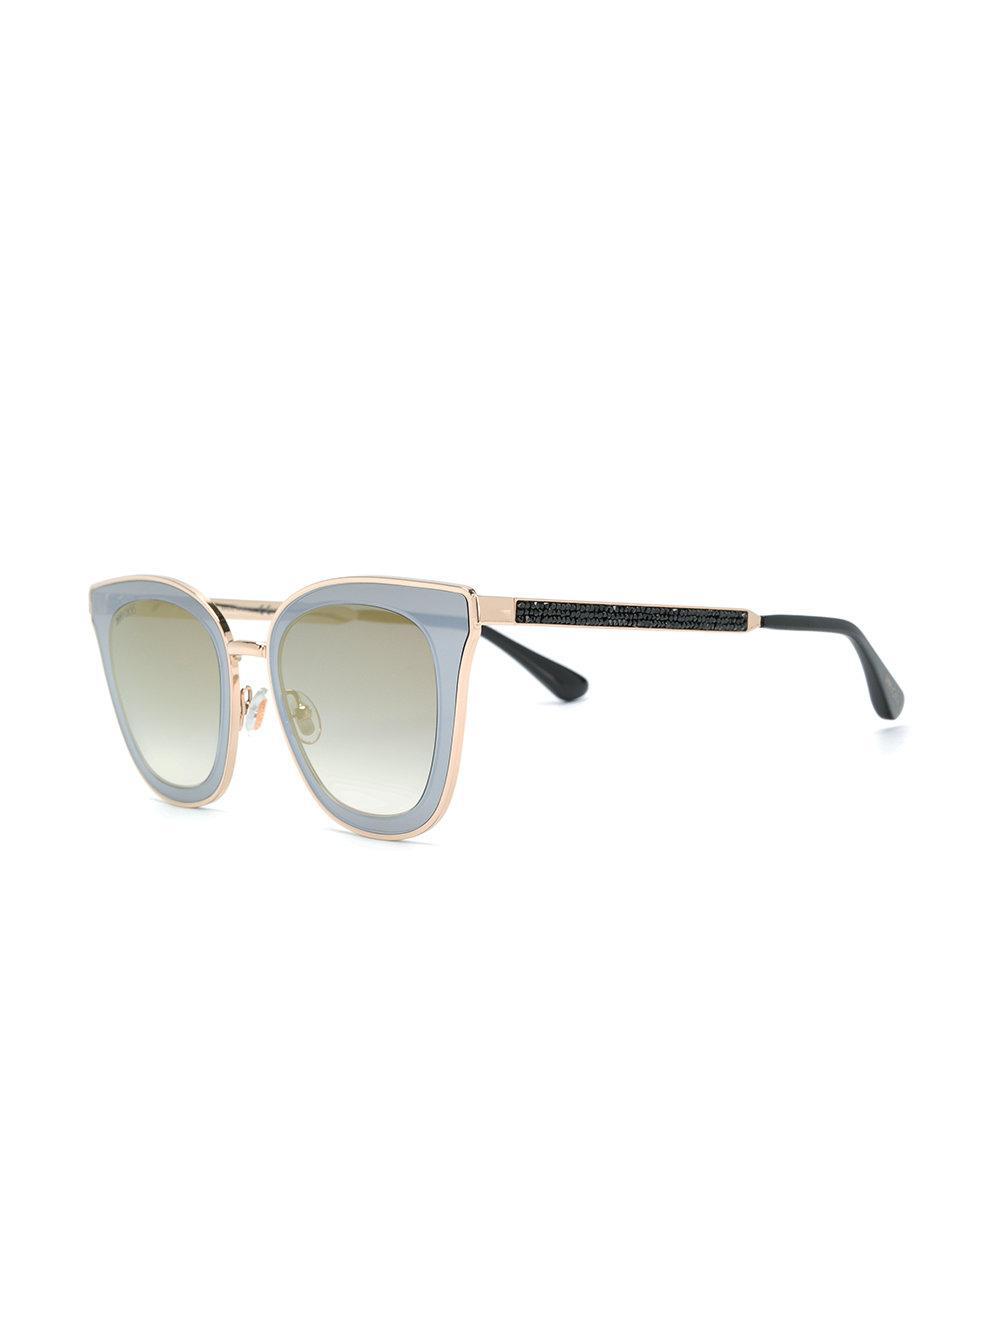 742ea3c0cc6 Jimmy Choo - Gray Lory 49 Sunglasses - Lyst. View fullscreen